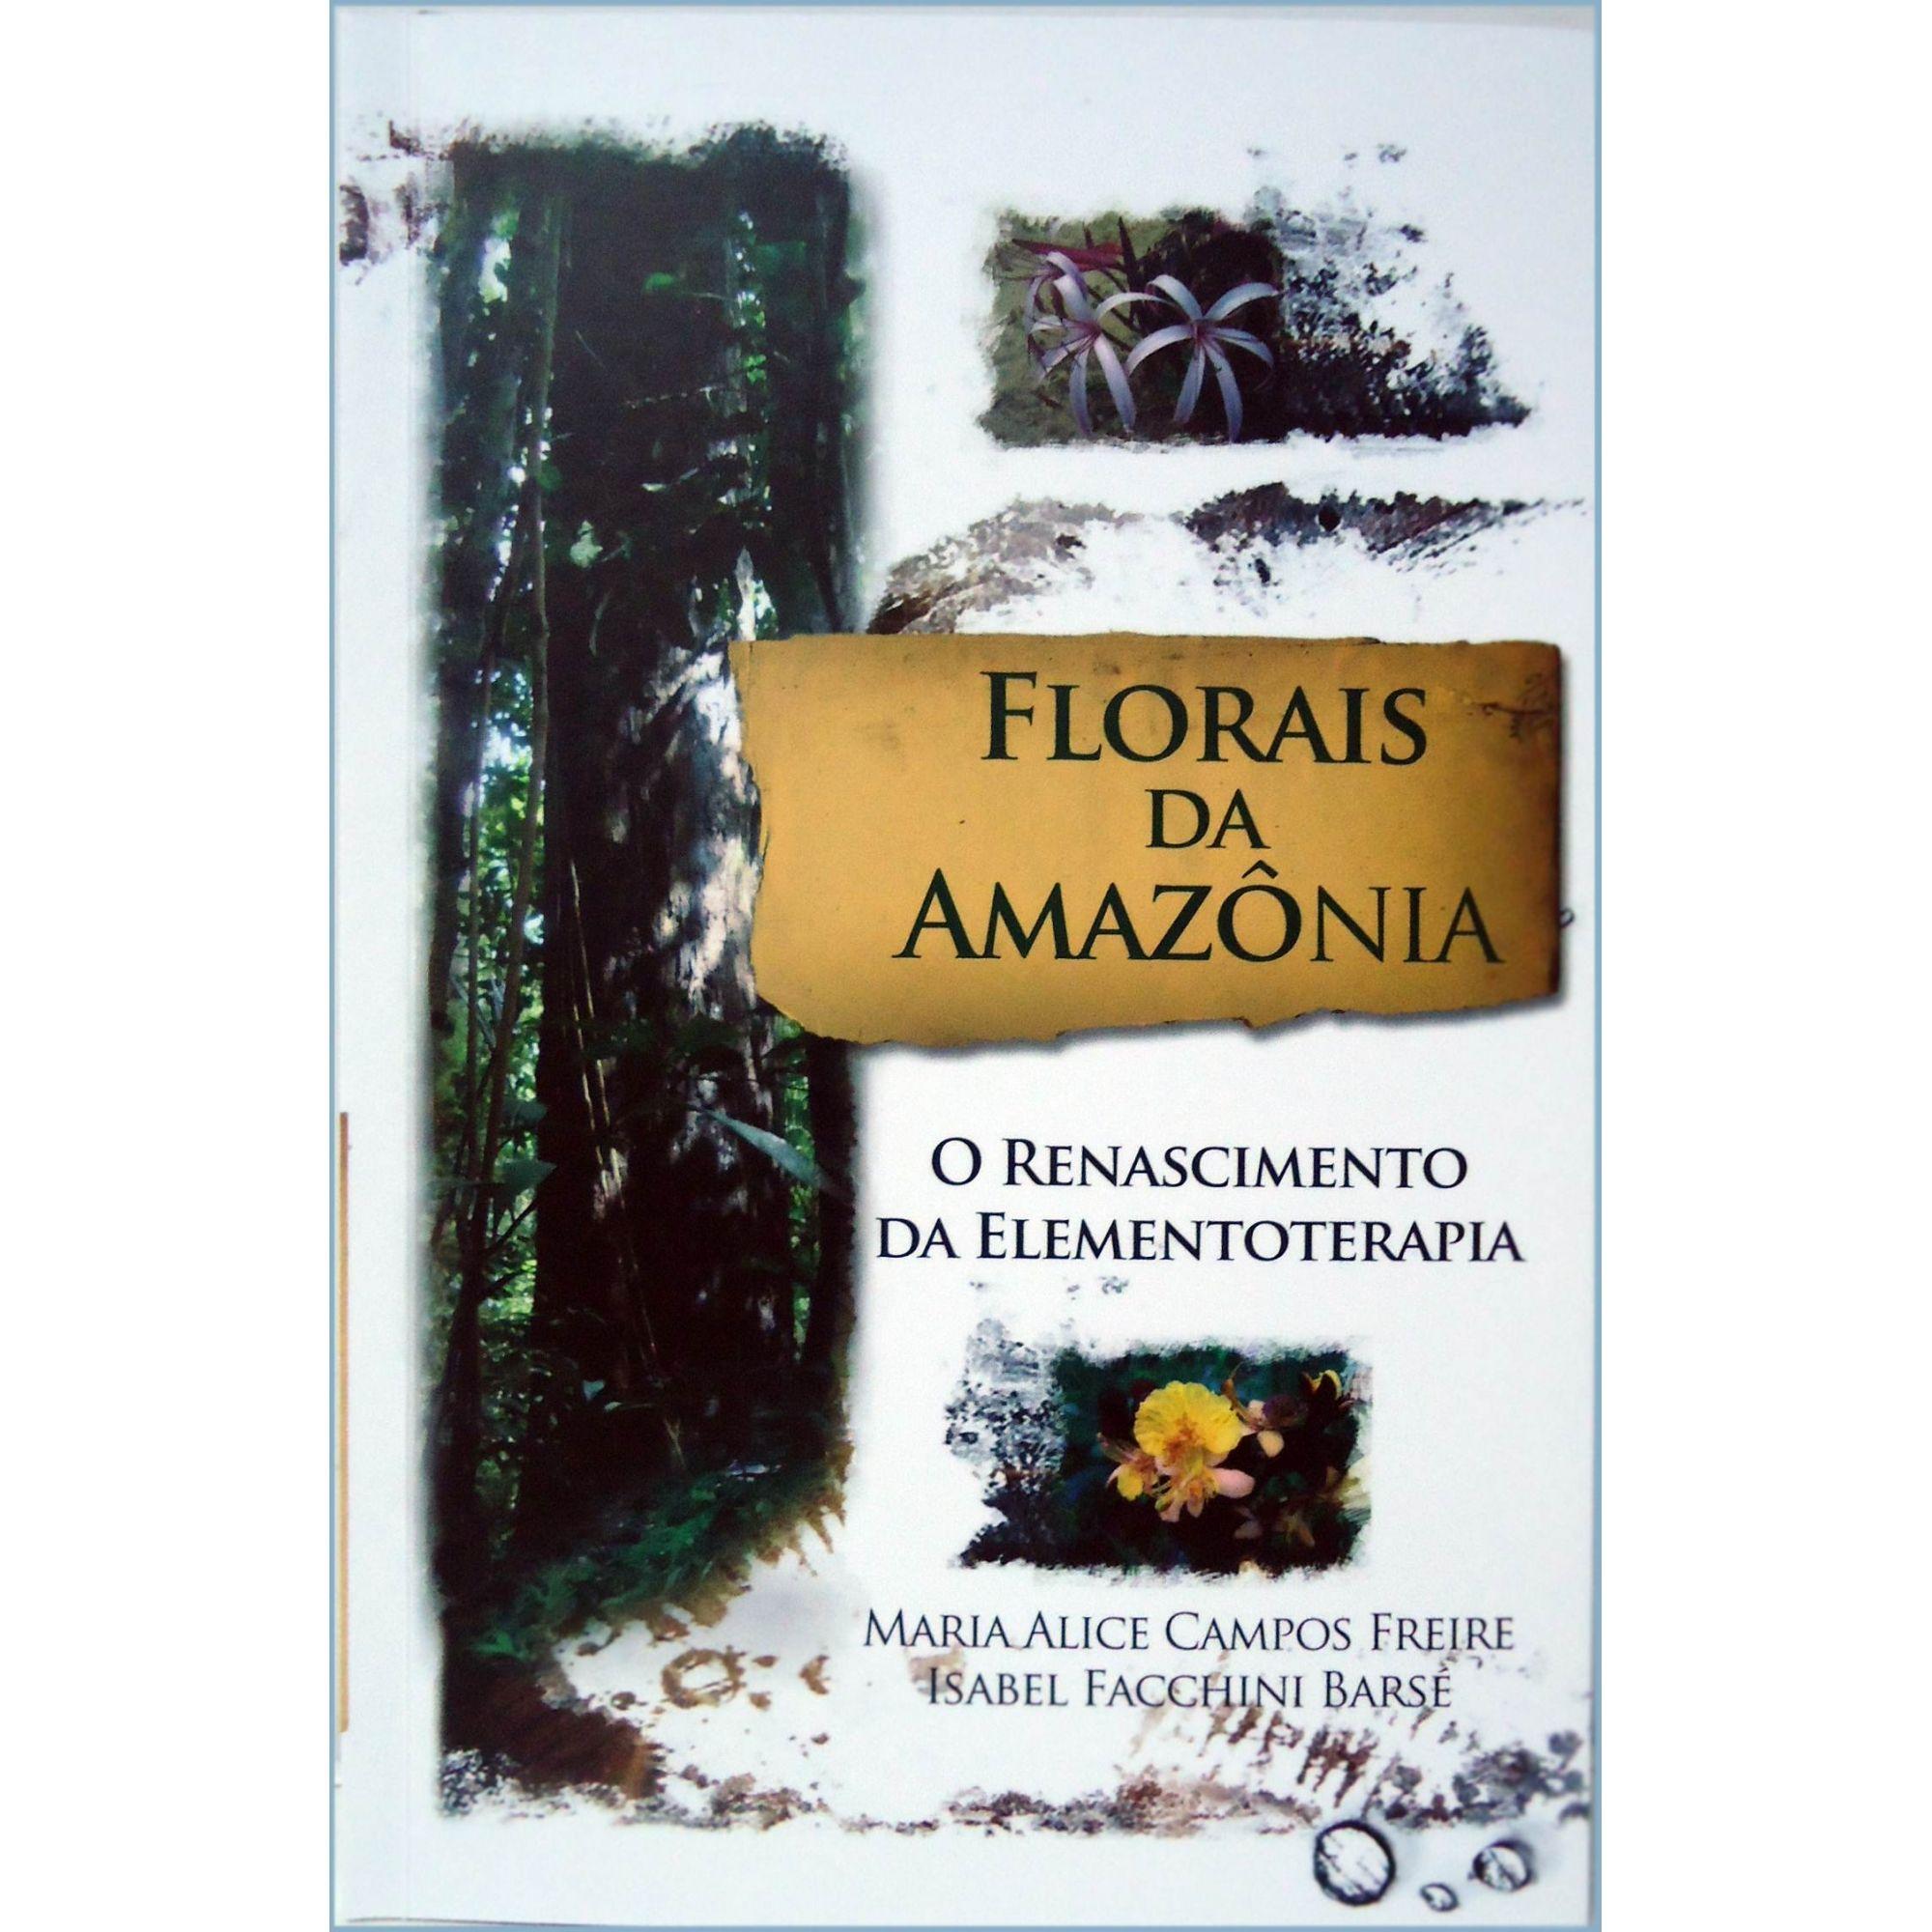 Livro Florais da Amazônia - Repertório das Flores  - Floressência